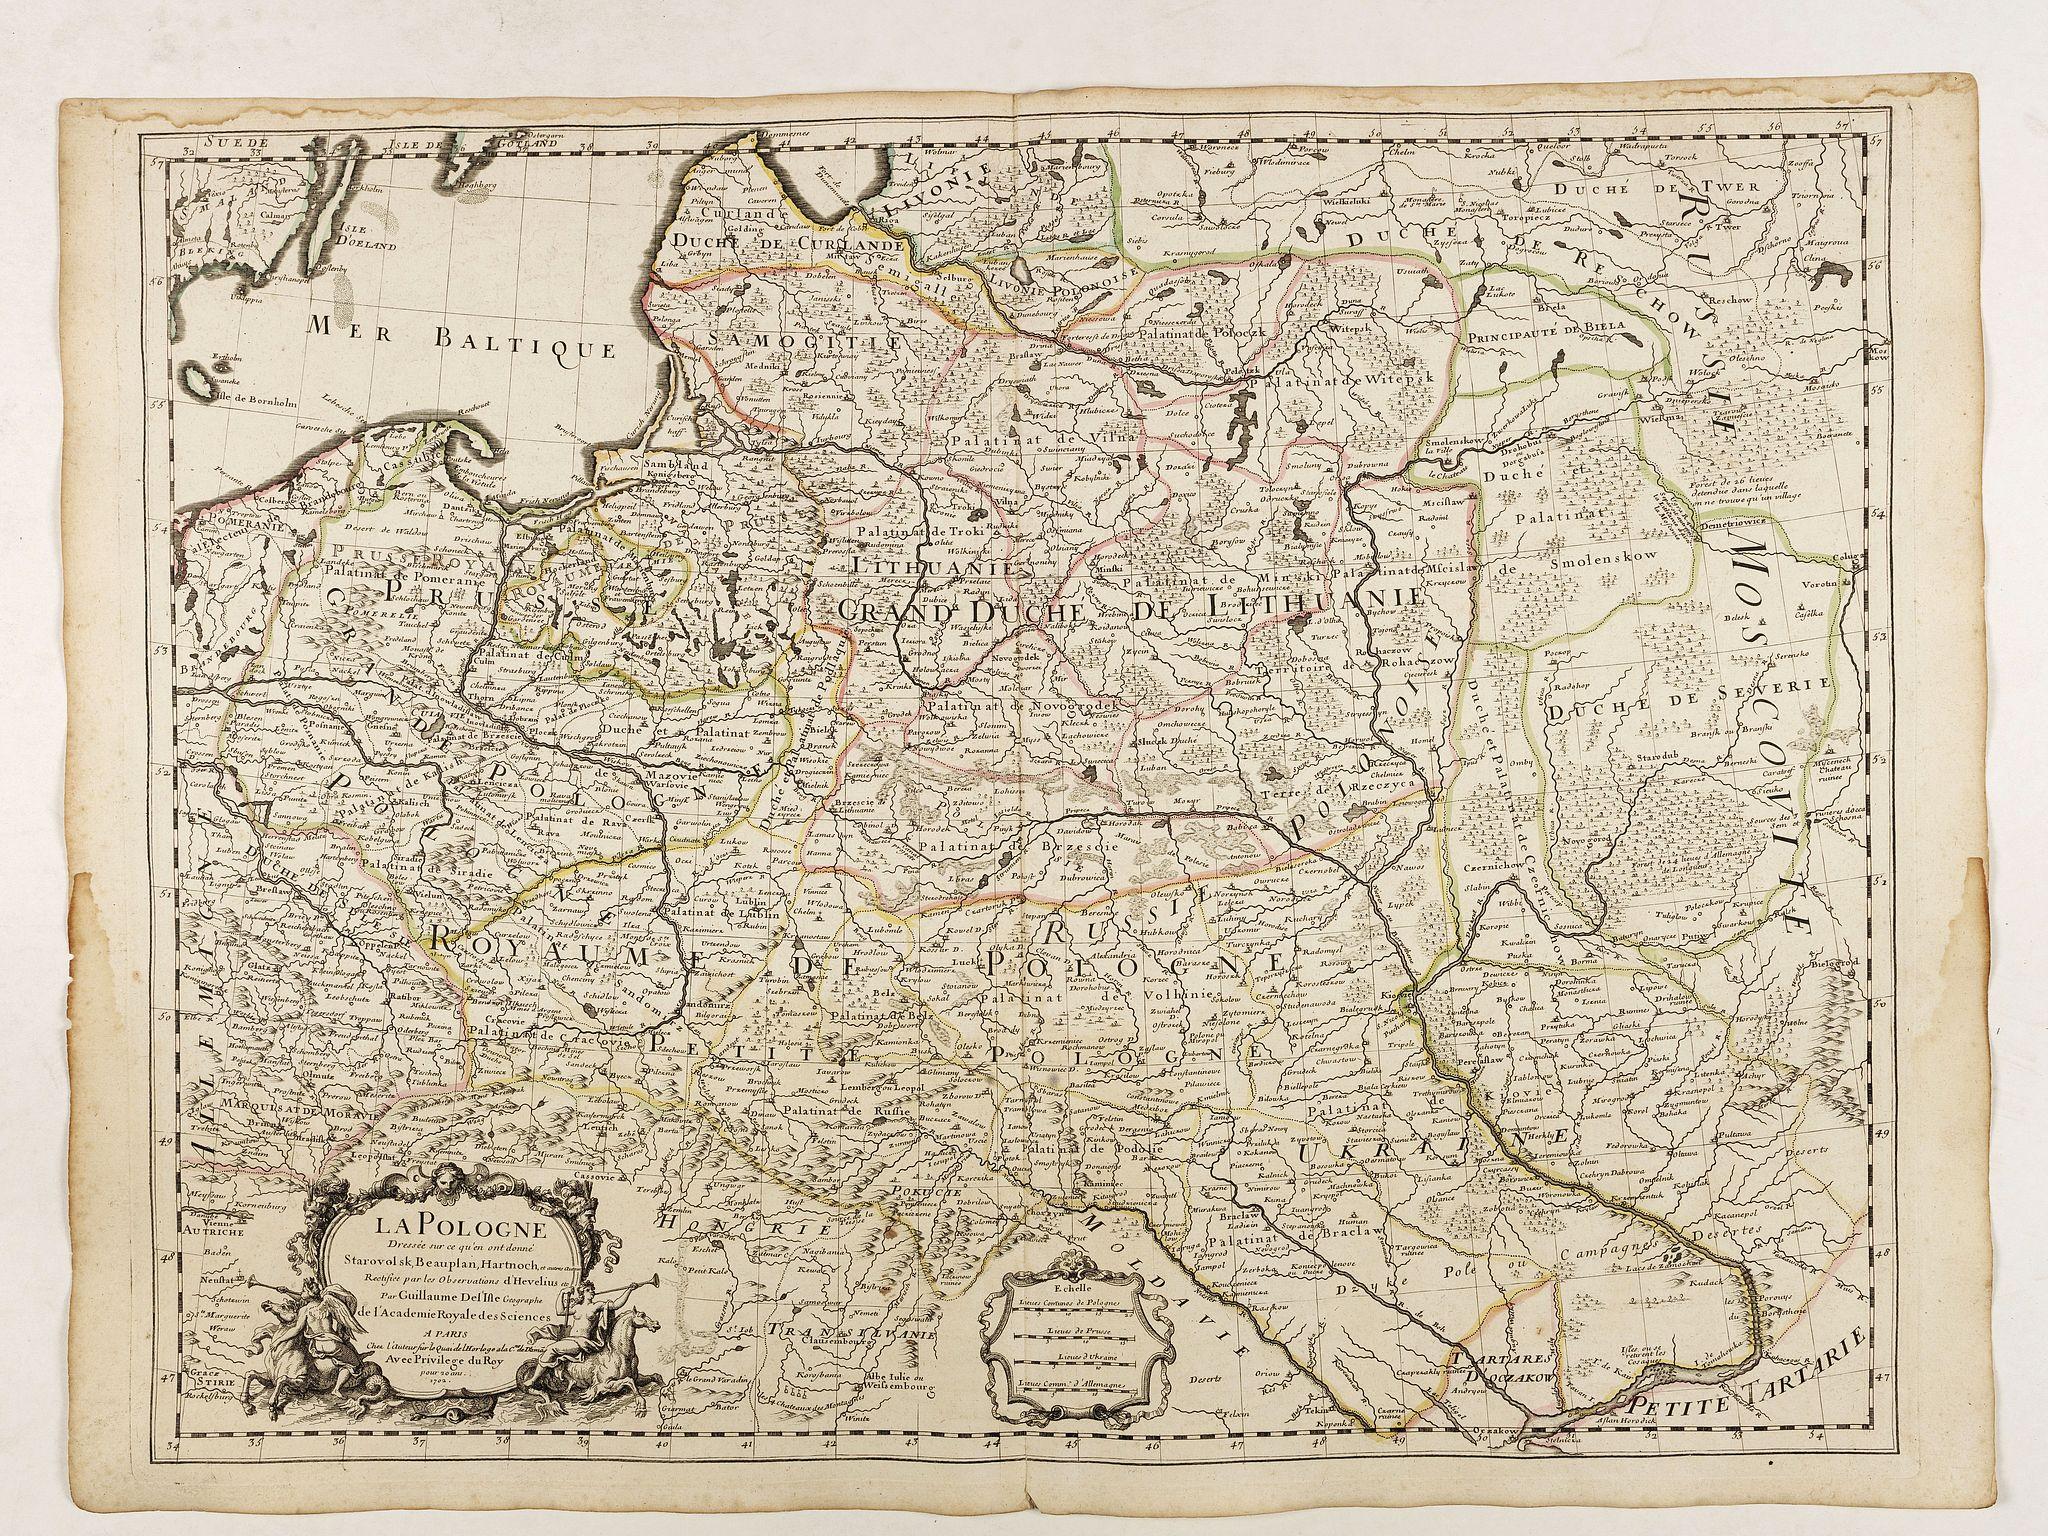 DE L'ISLE, G. -  La Pologne Dressée sur ce qu'en ot donné Starovolsk, Beauplan, Hartnoch. . .